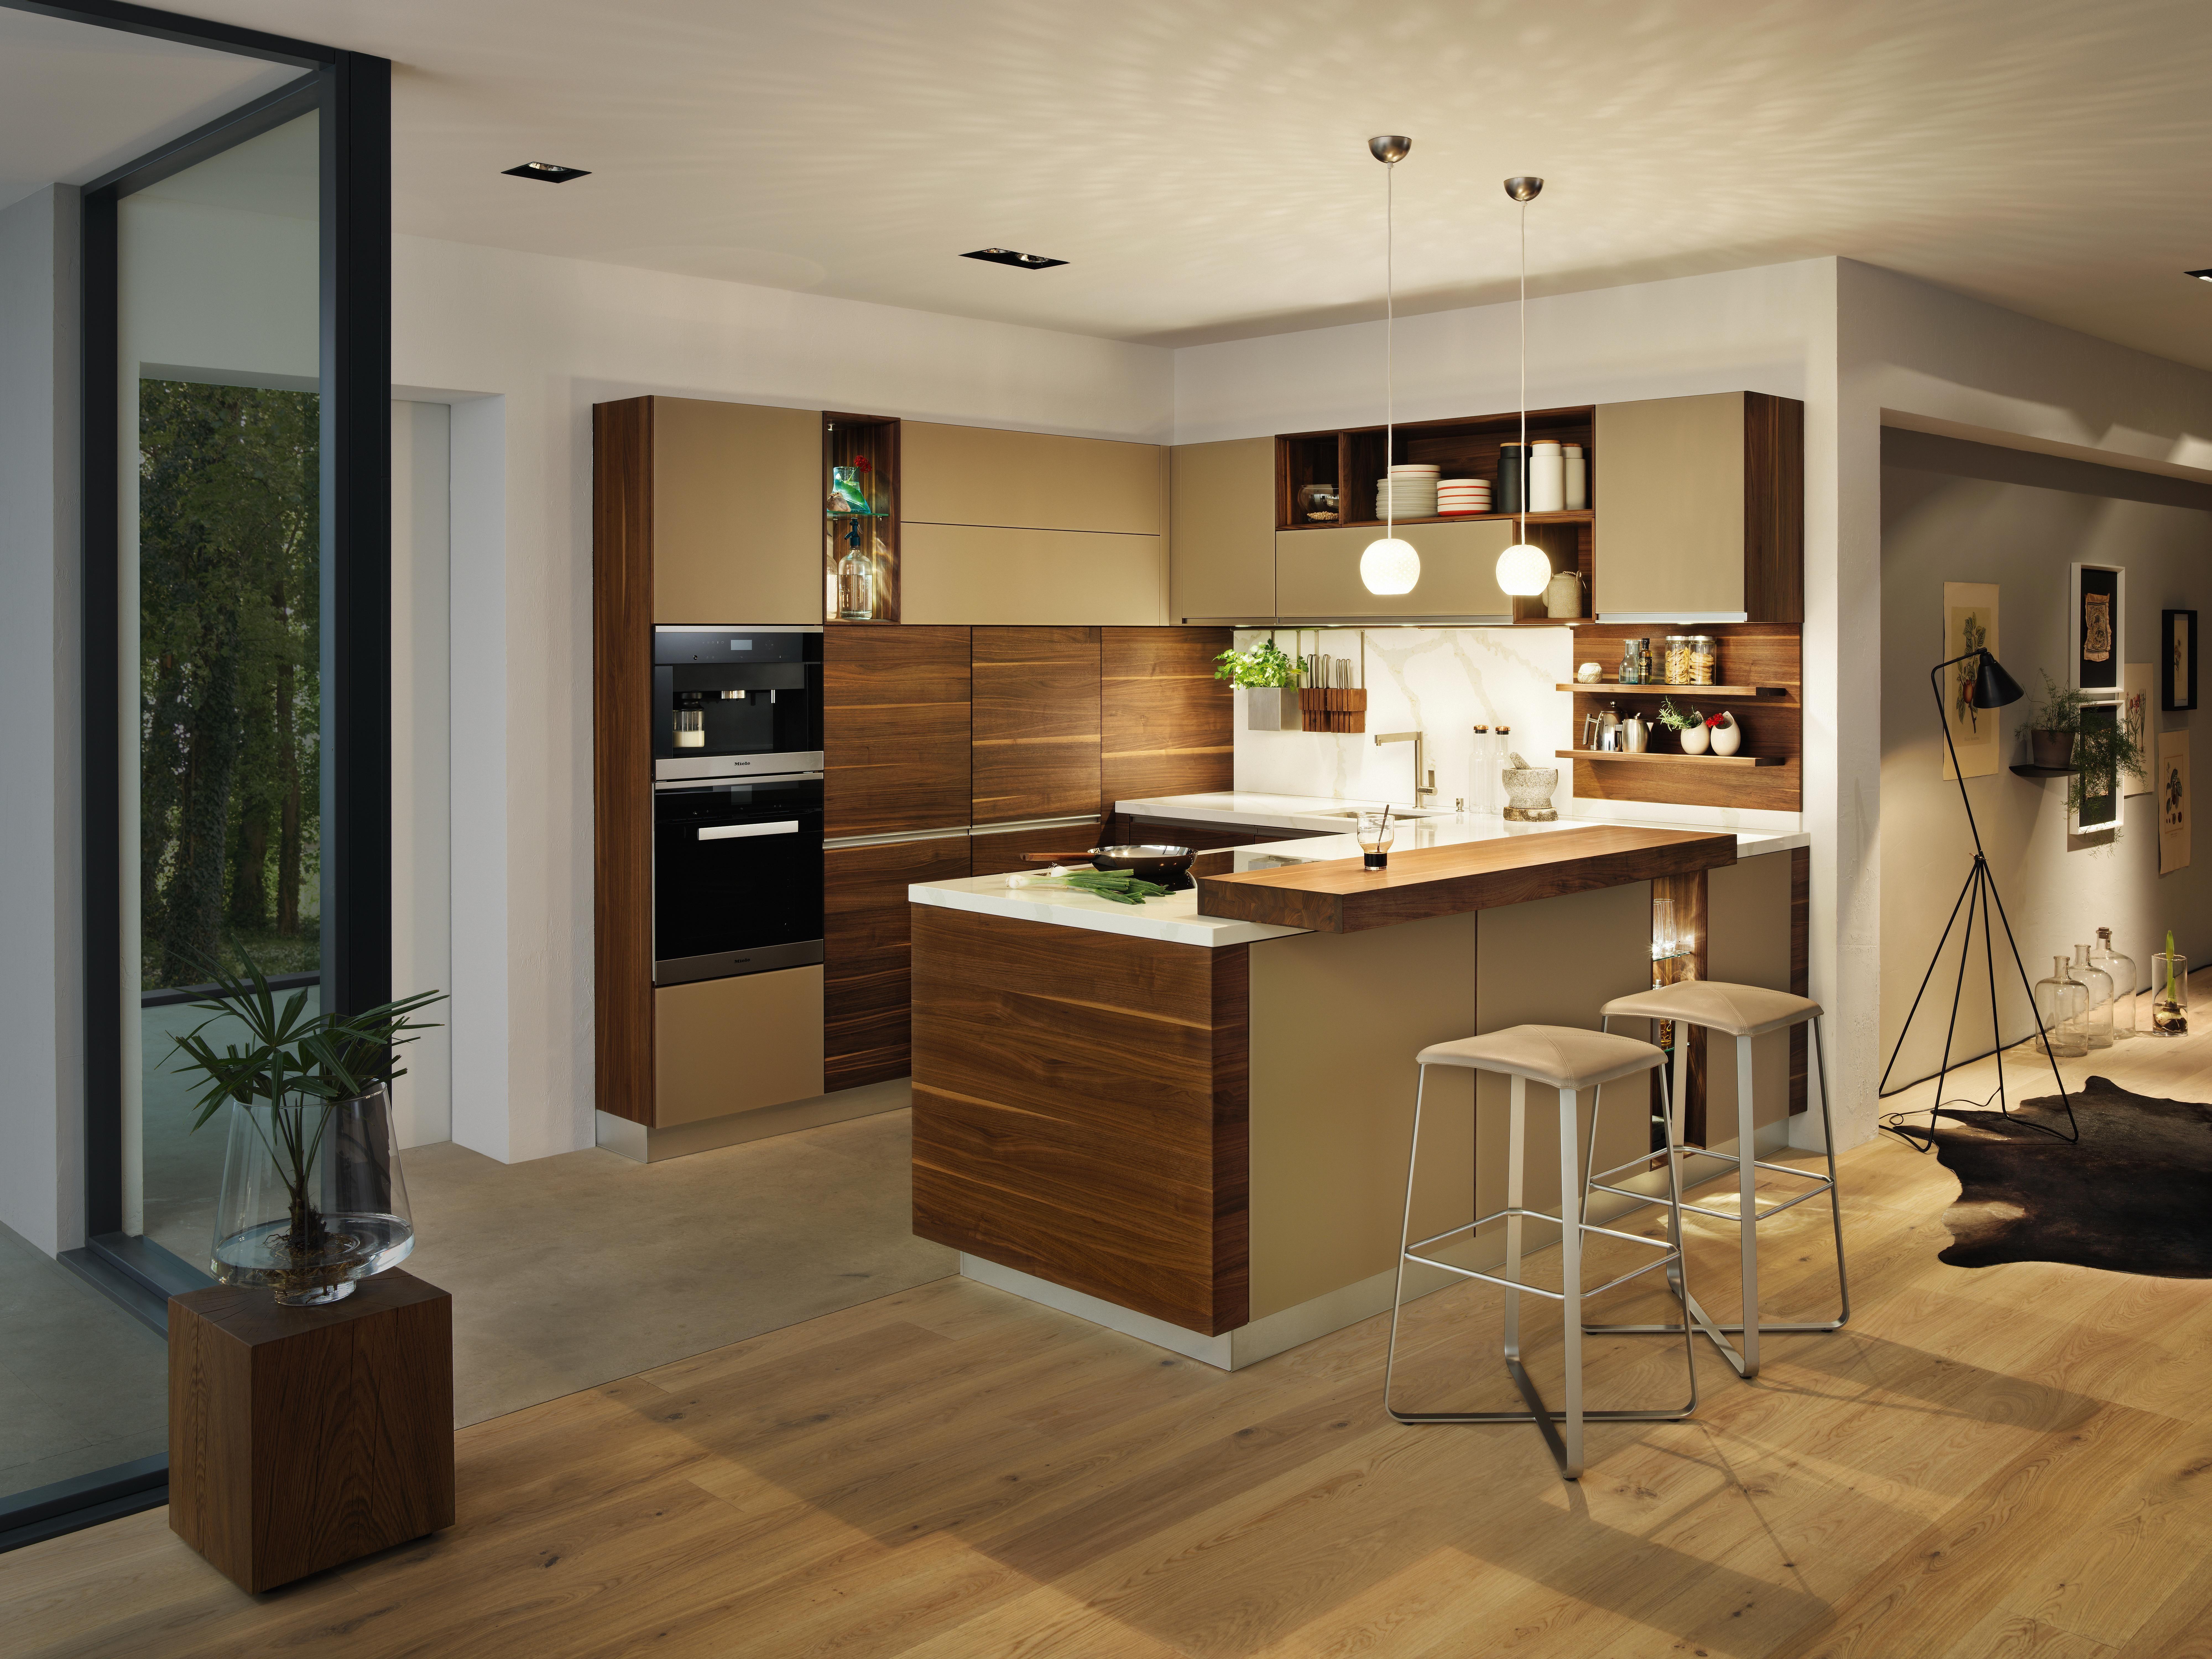 Moderne Küche aus Holz mit Arbeitsplatte und Bar | Holzküchen ...